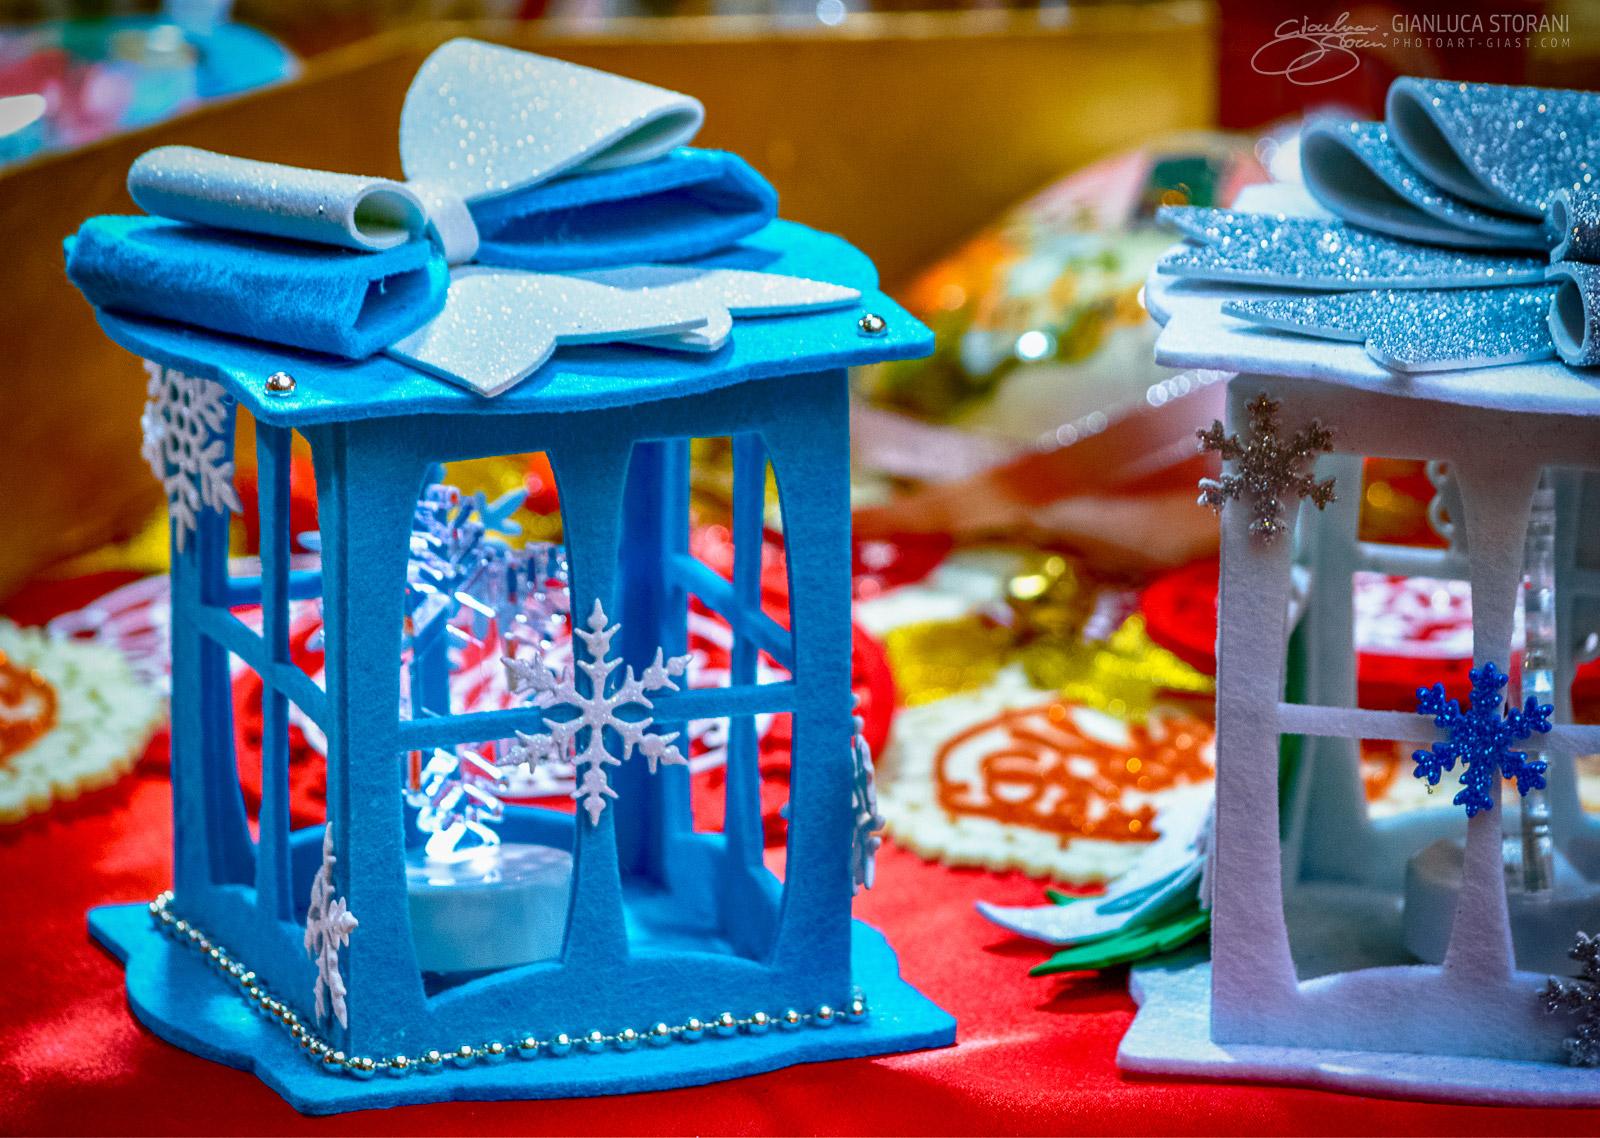 Il barattolo di Natale - Gianluca Storani Photo Art (ID: 4-6988)